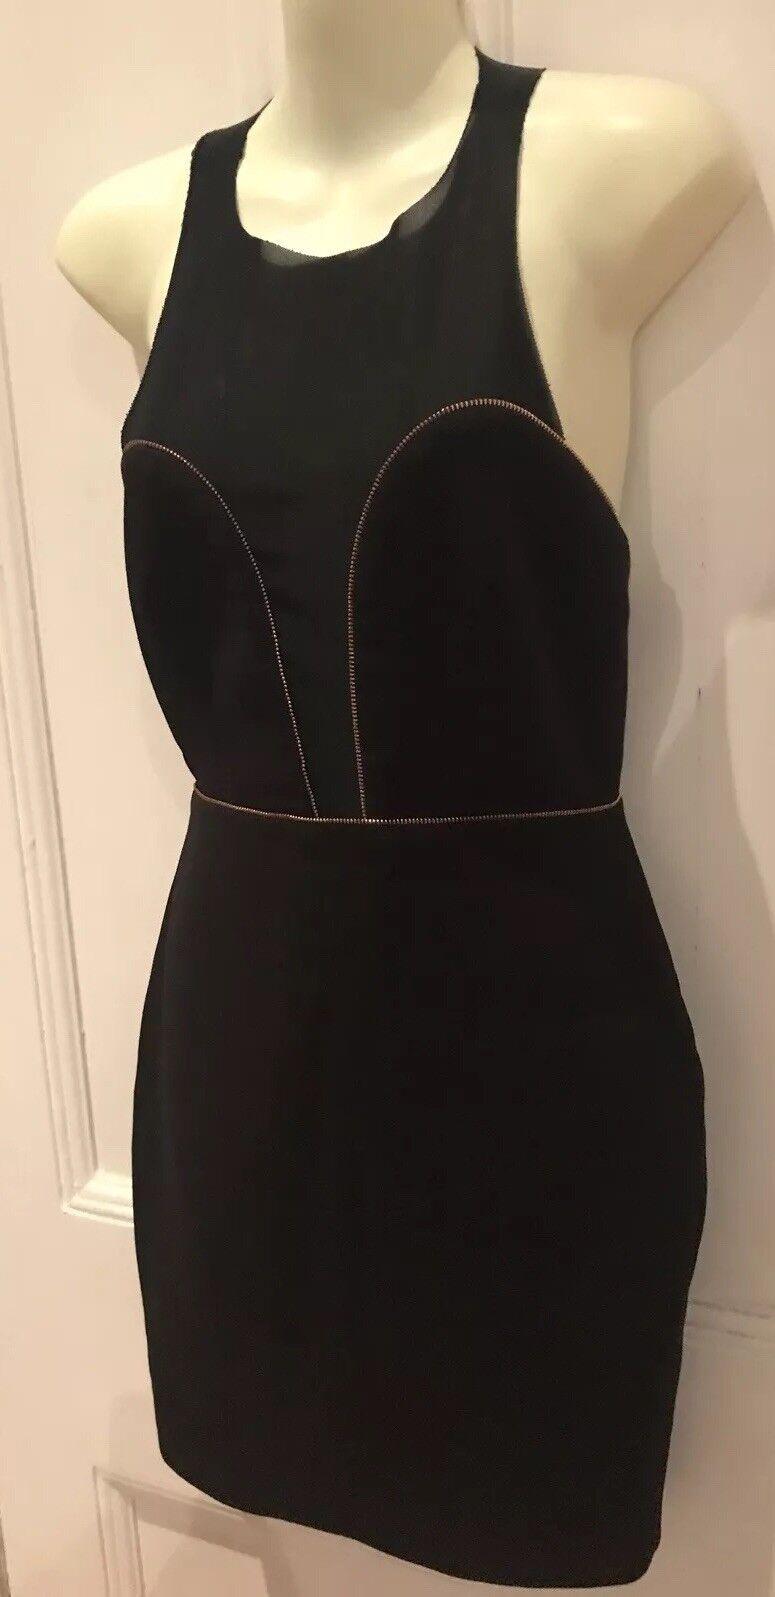 Bec and Bridge-schwarz Mesh-Bodycon Panel Dress-Größe 6